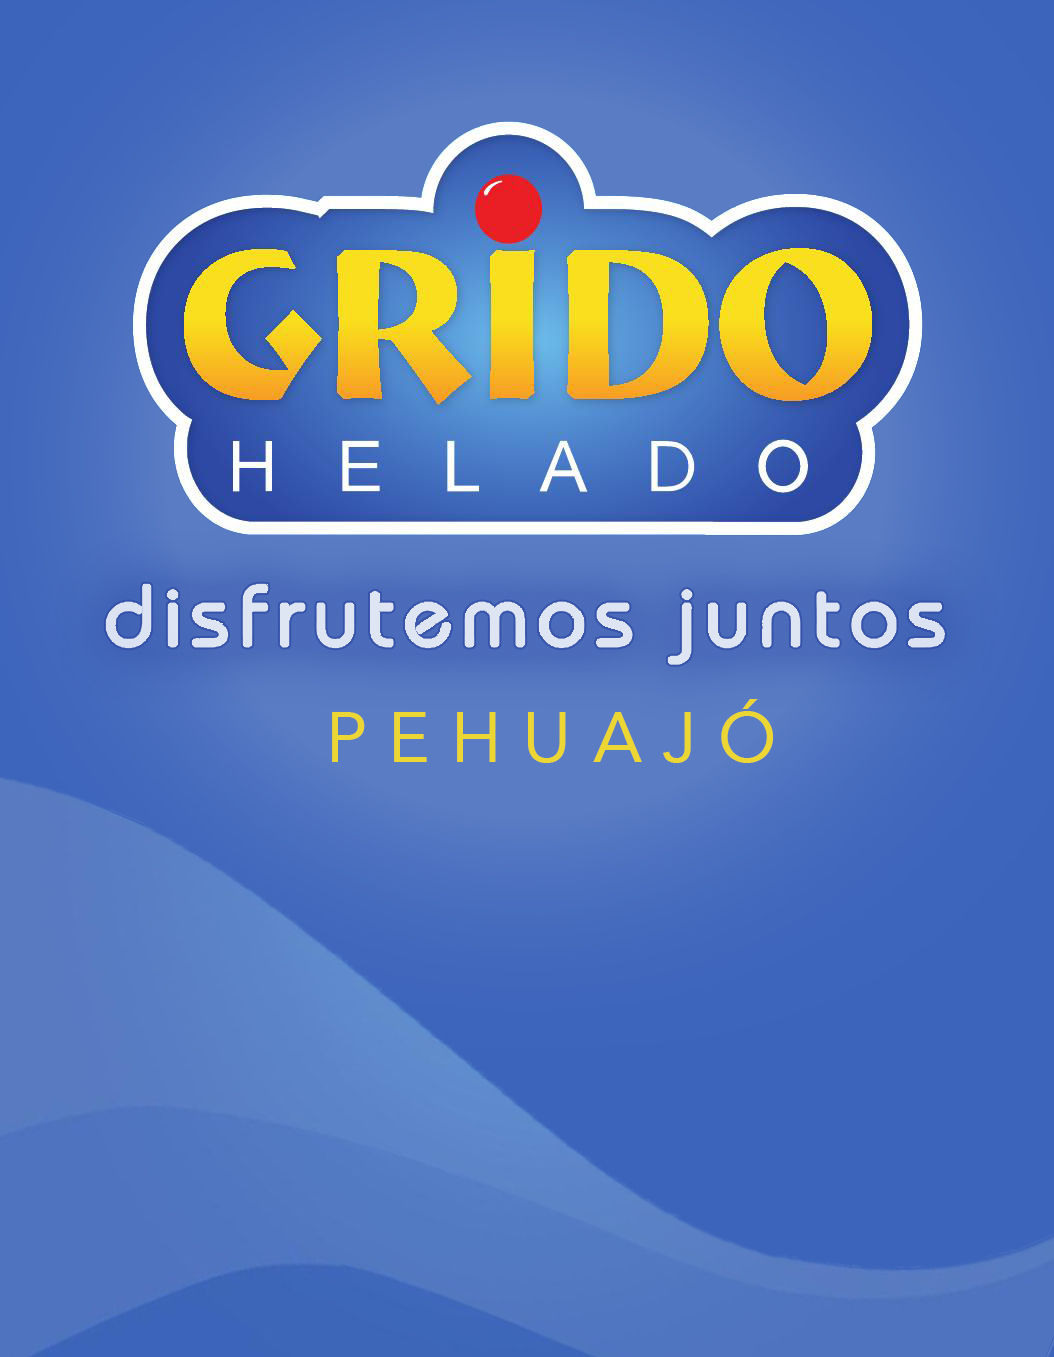 Pehuajo